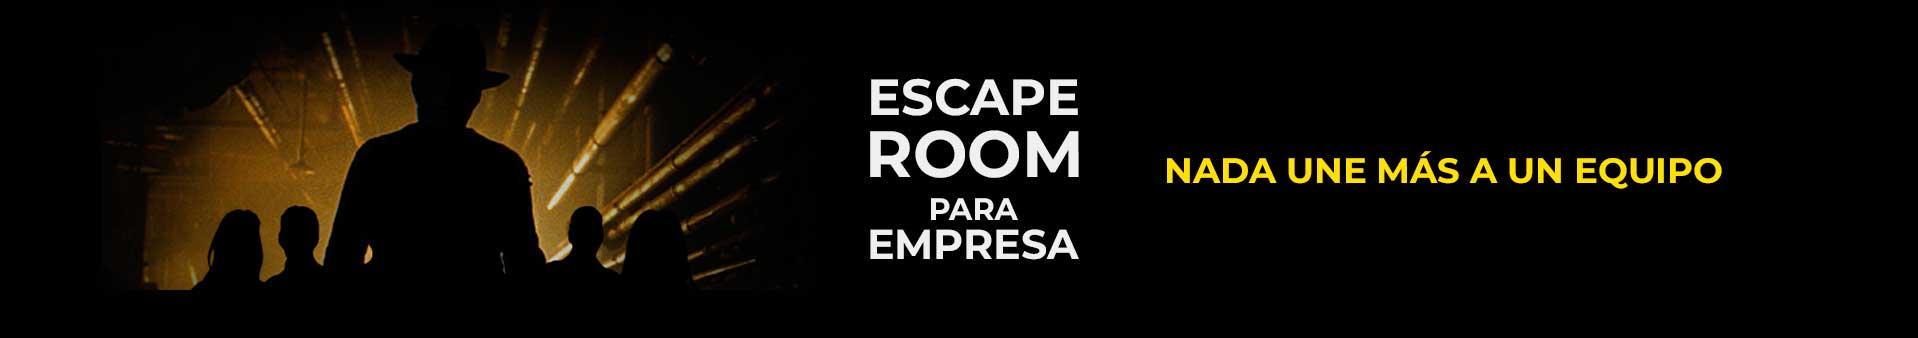 Escape room para grupos grandes